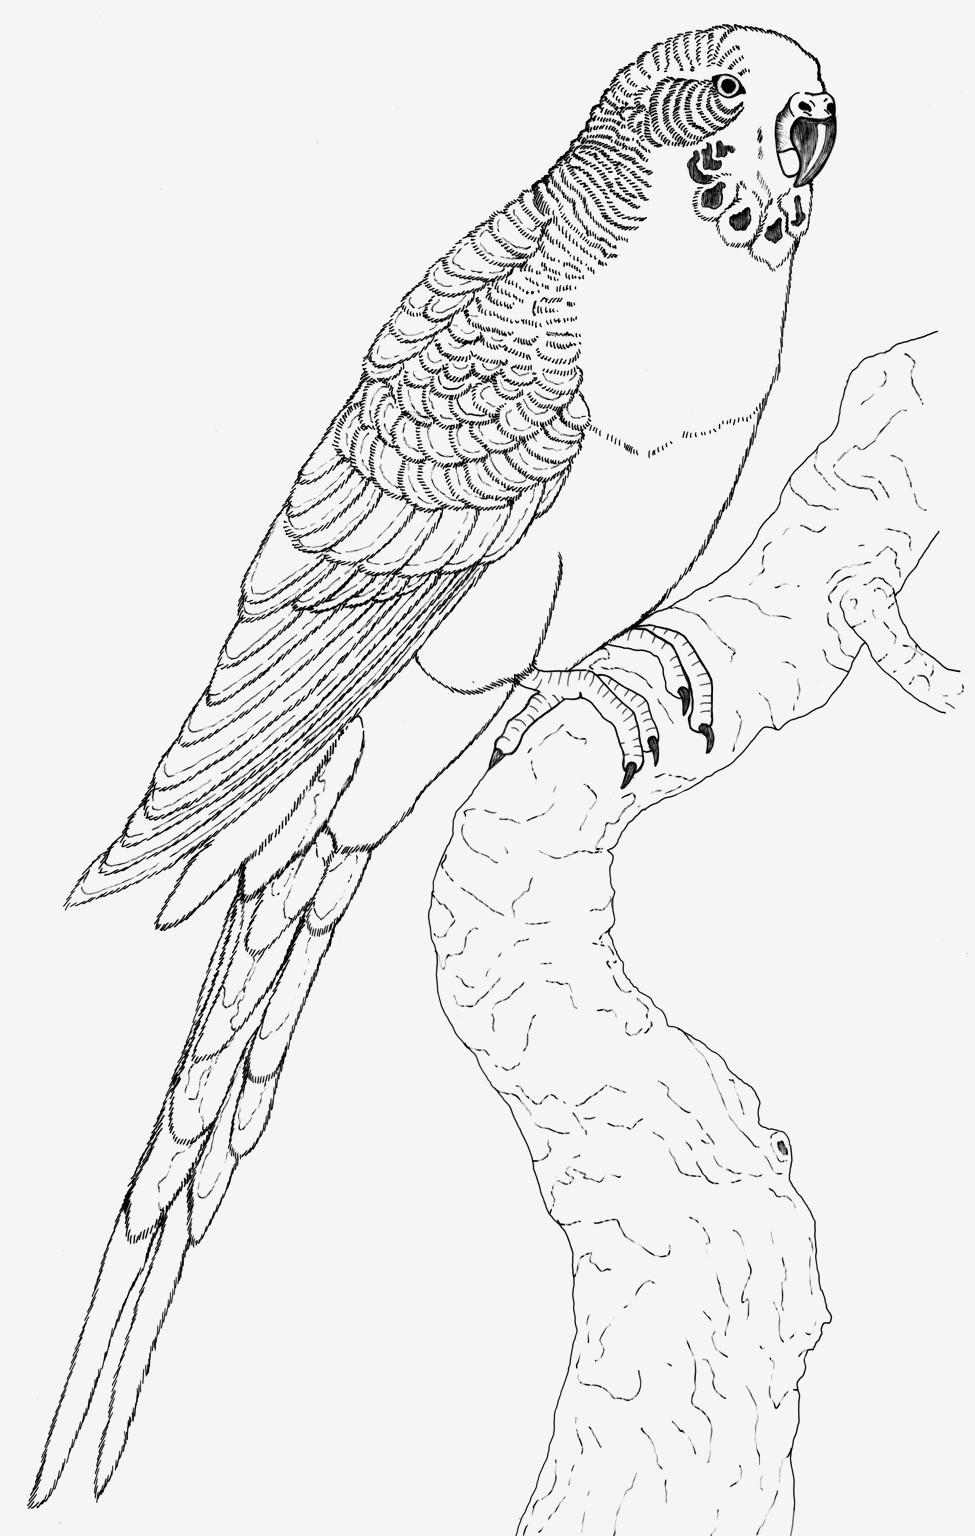 Fliegender Papagei Malvorlage Neu 40 Schön Papagei Ausmalbilder – Große Coloring Page Sammlung Galerie